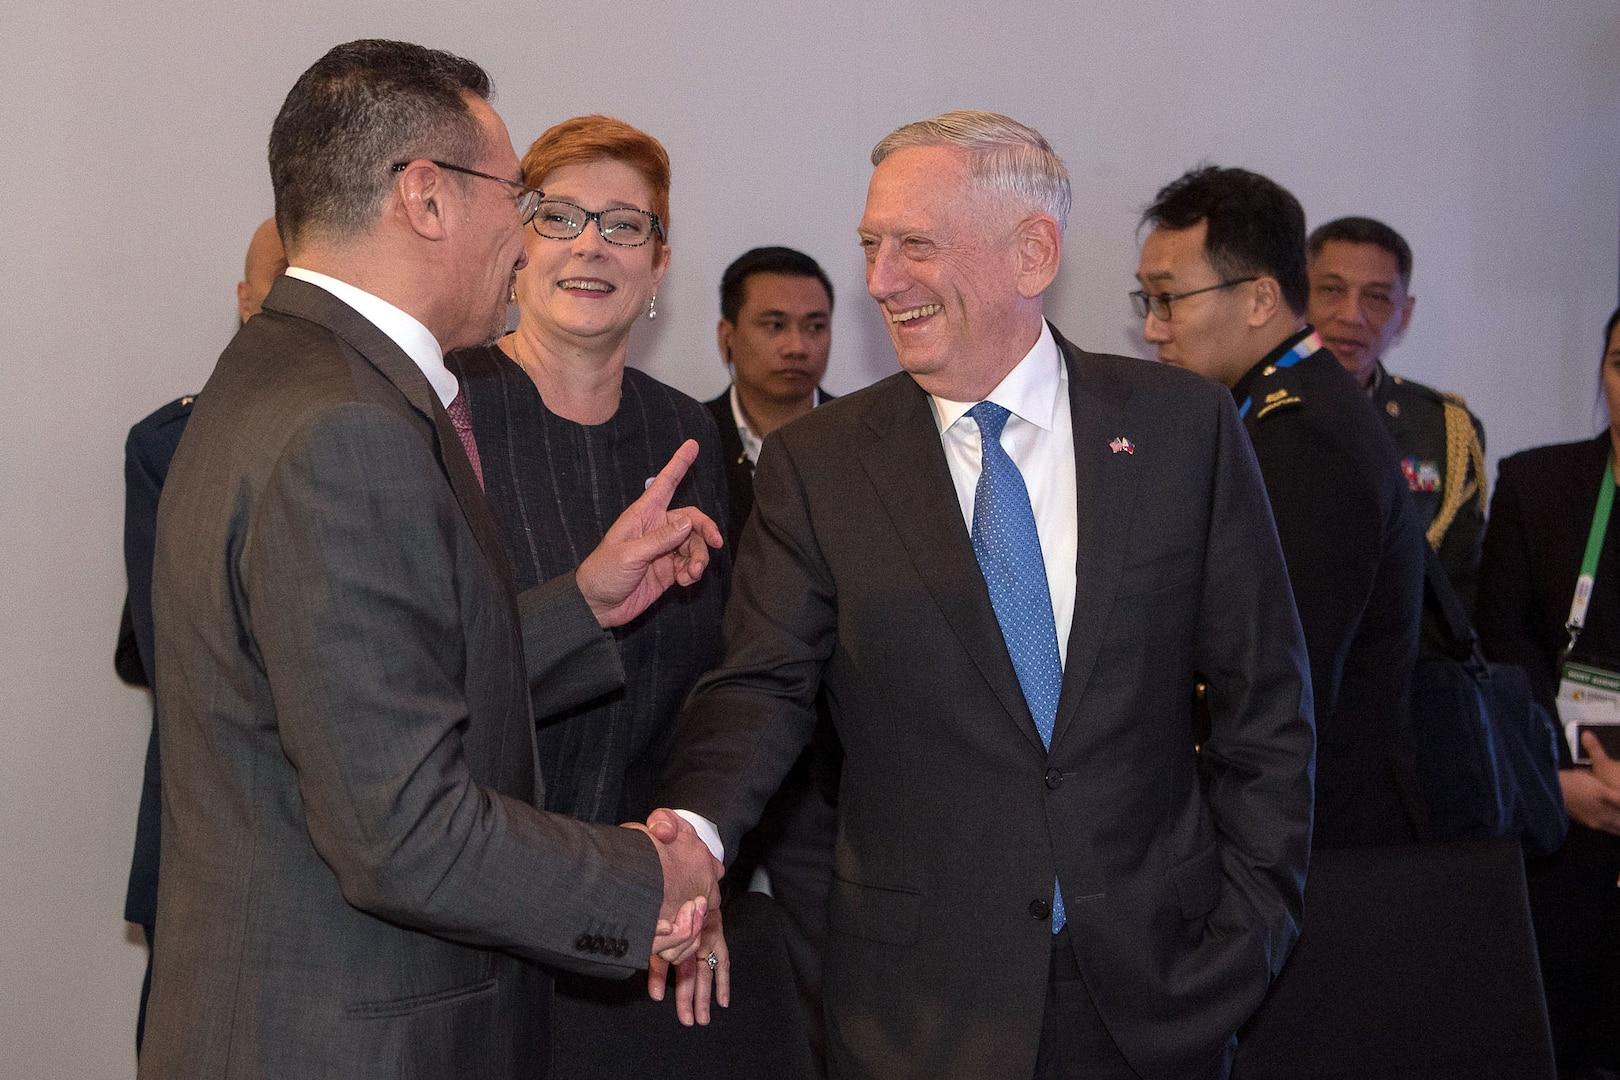 Leaders speak after meeting